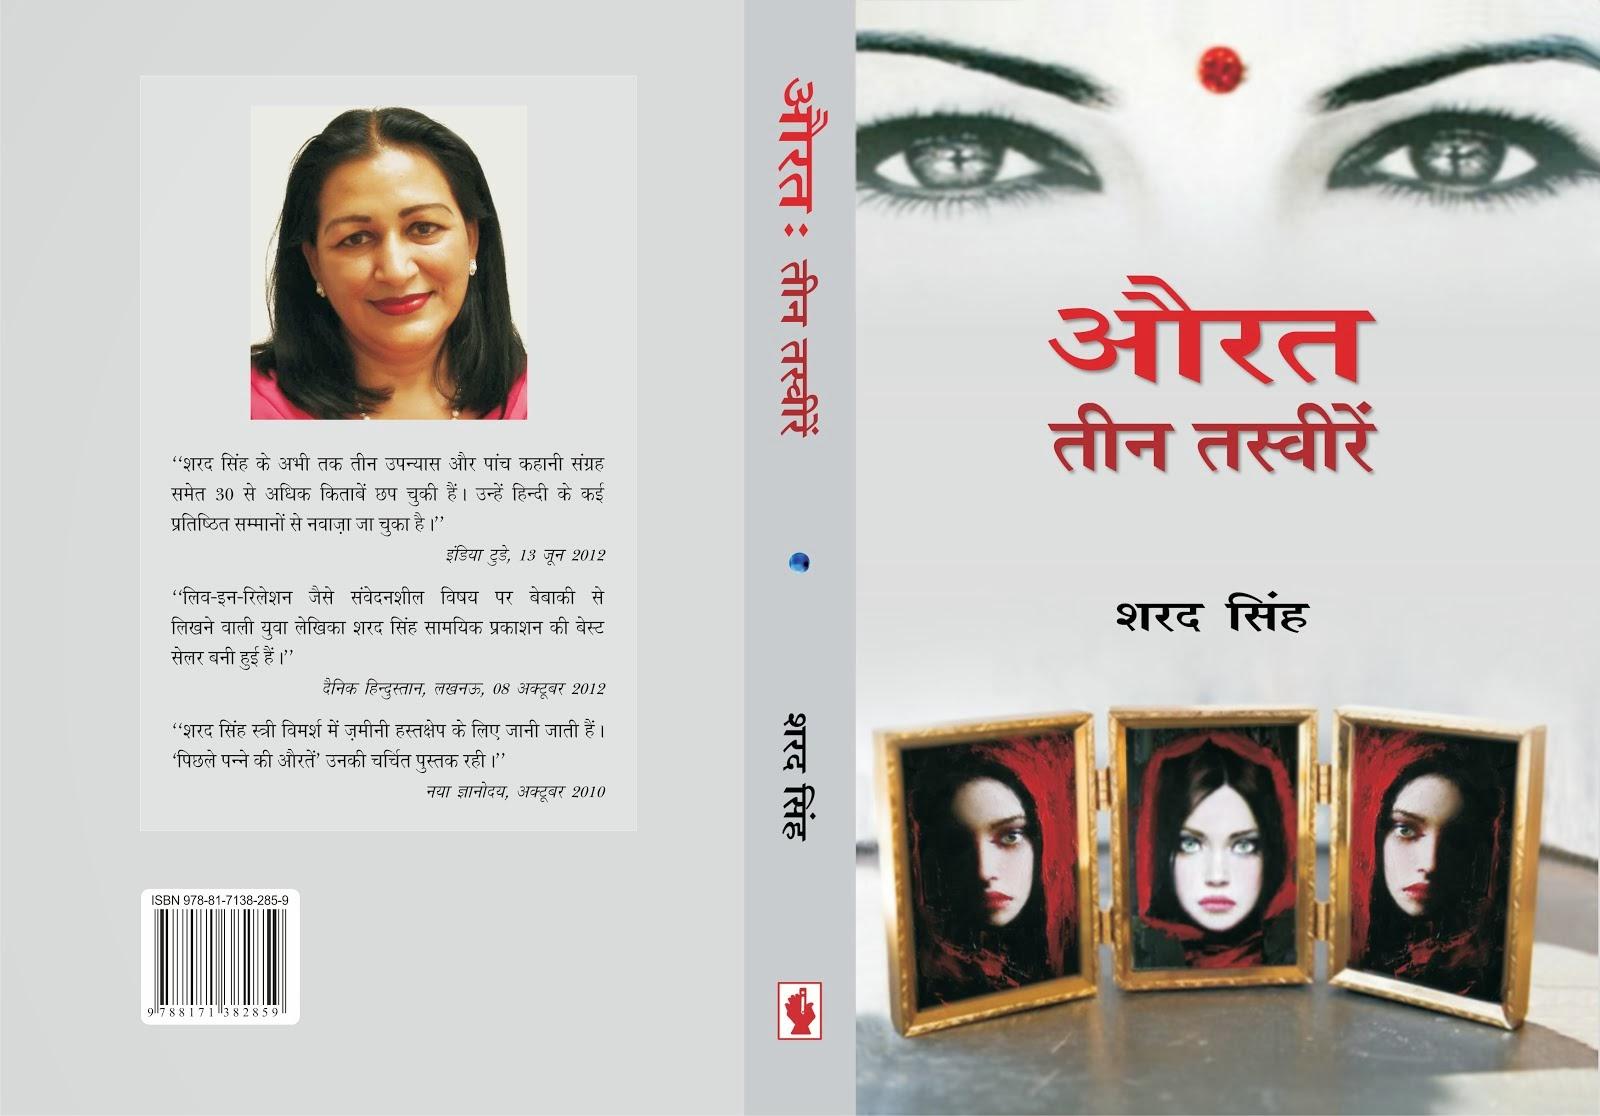 औरतः तीन तस्वीरें (स्त्री विमर्श)-सामयिक प्रकाशन, नई दिल्ली